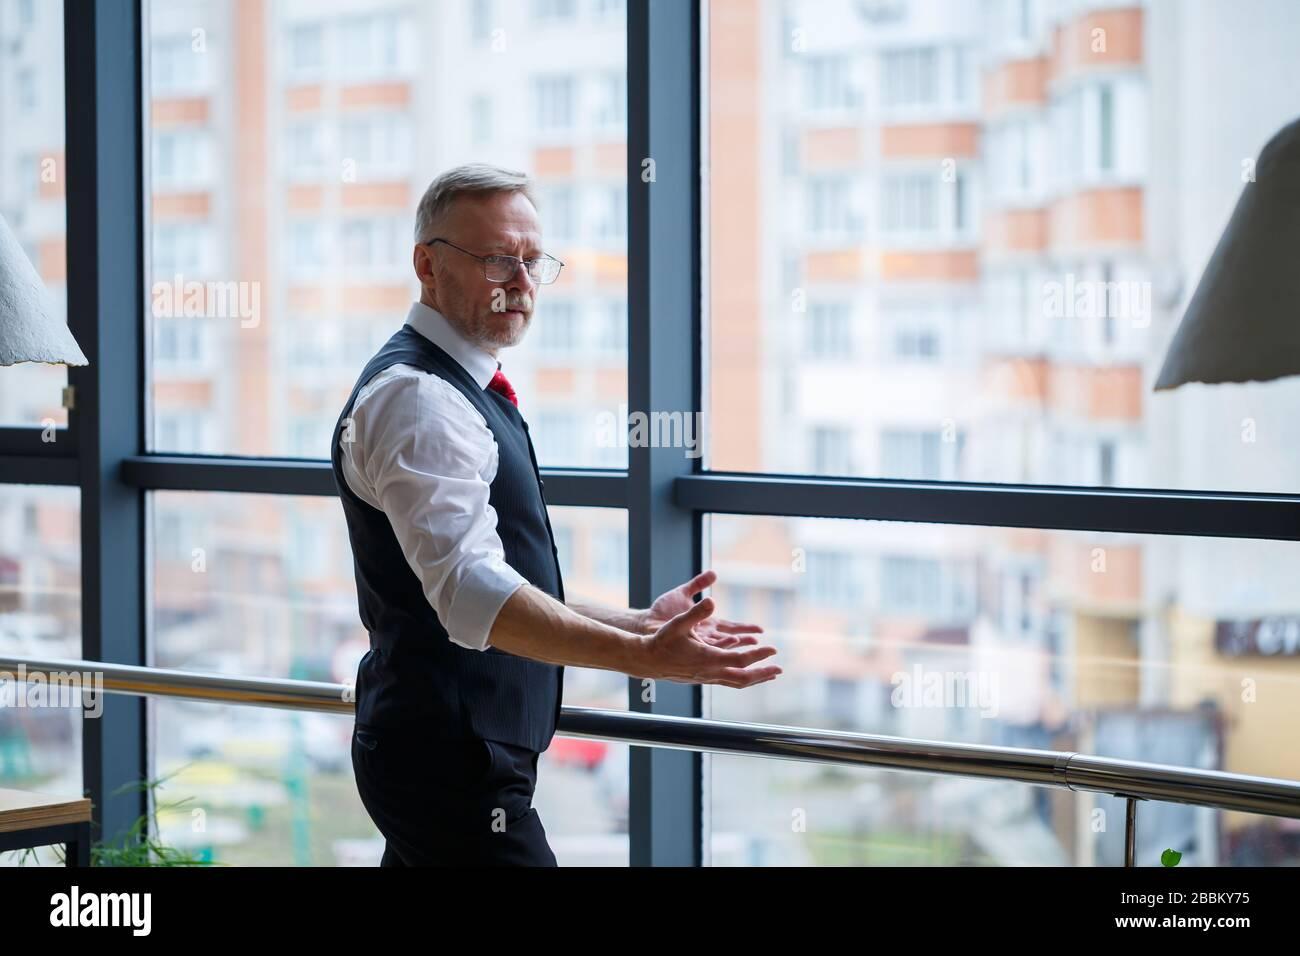 Smiling Happy Managing Director denkt über seine erfolgreiche berufliche Entwicklung nach, während er in seinem Büro in der Nähe eines Fensters mit Kopie sp steht Stockfoto